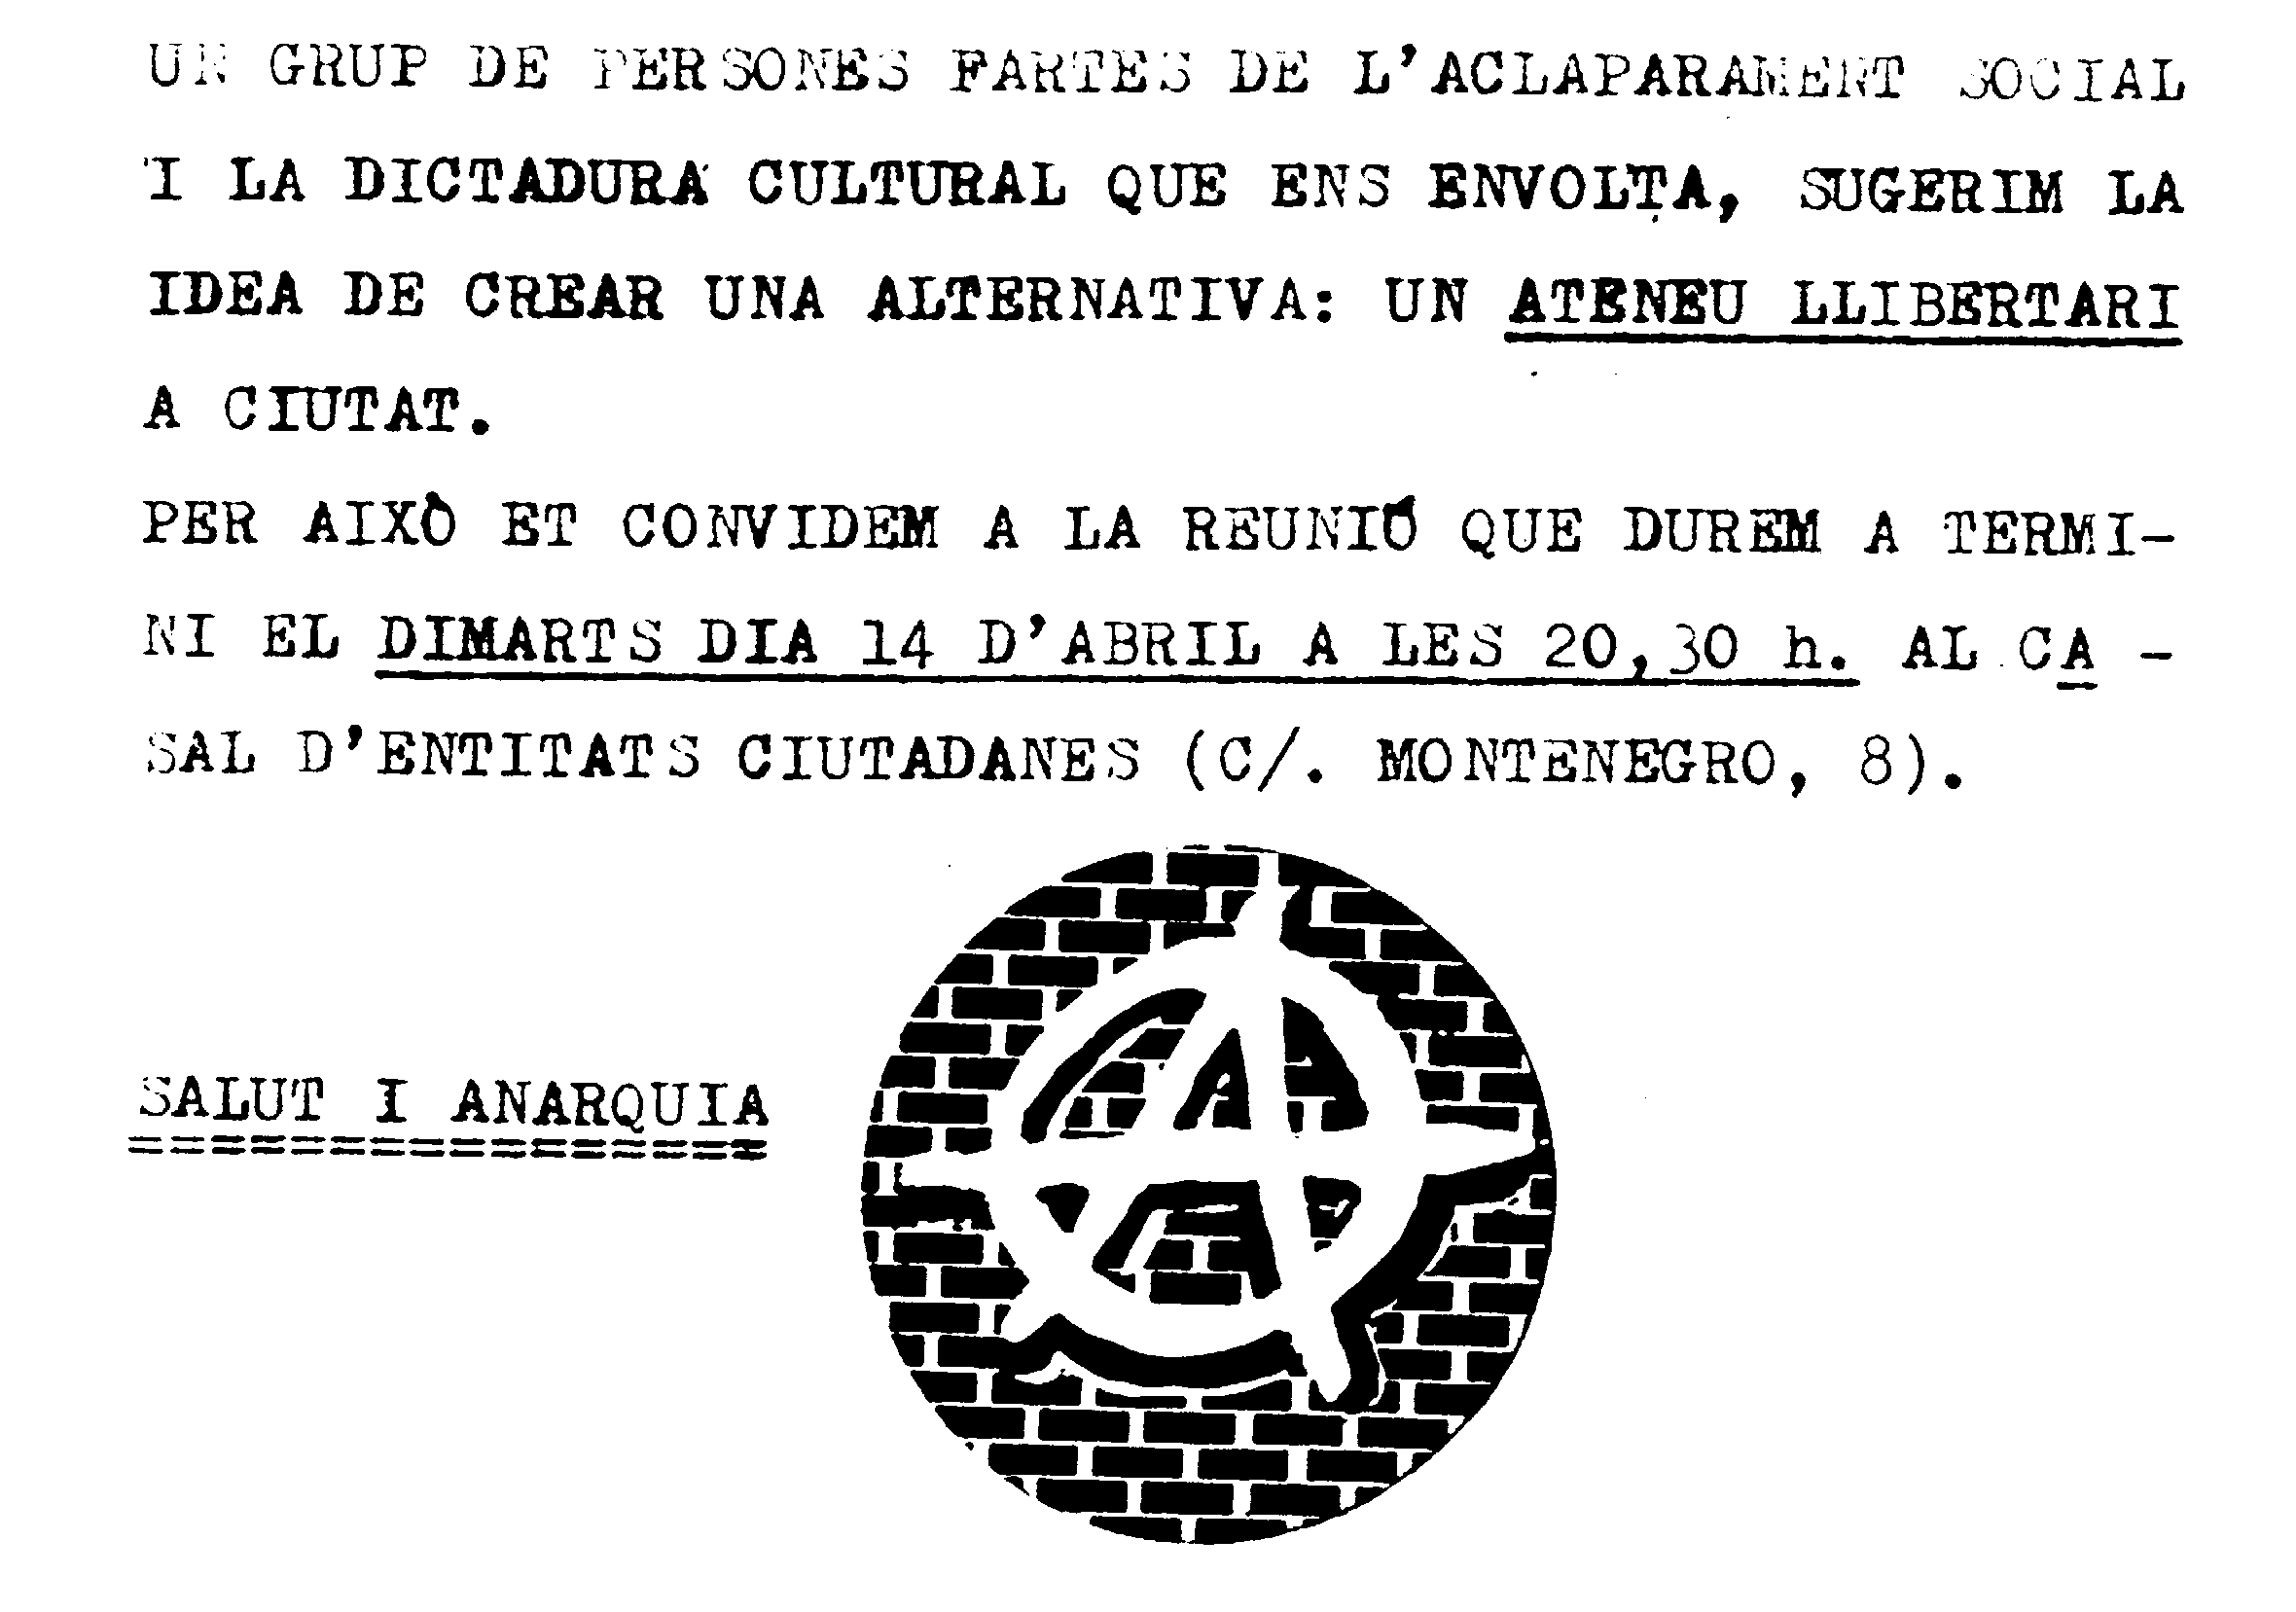 Convocatòria pro Ateneu Llibertari